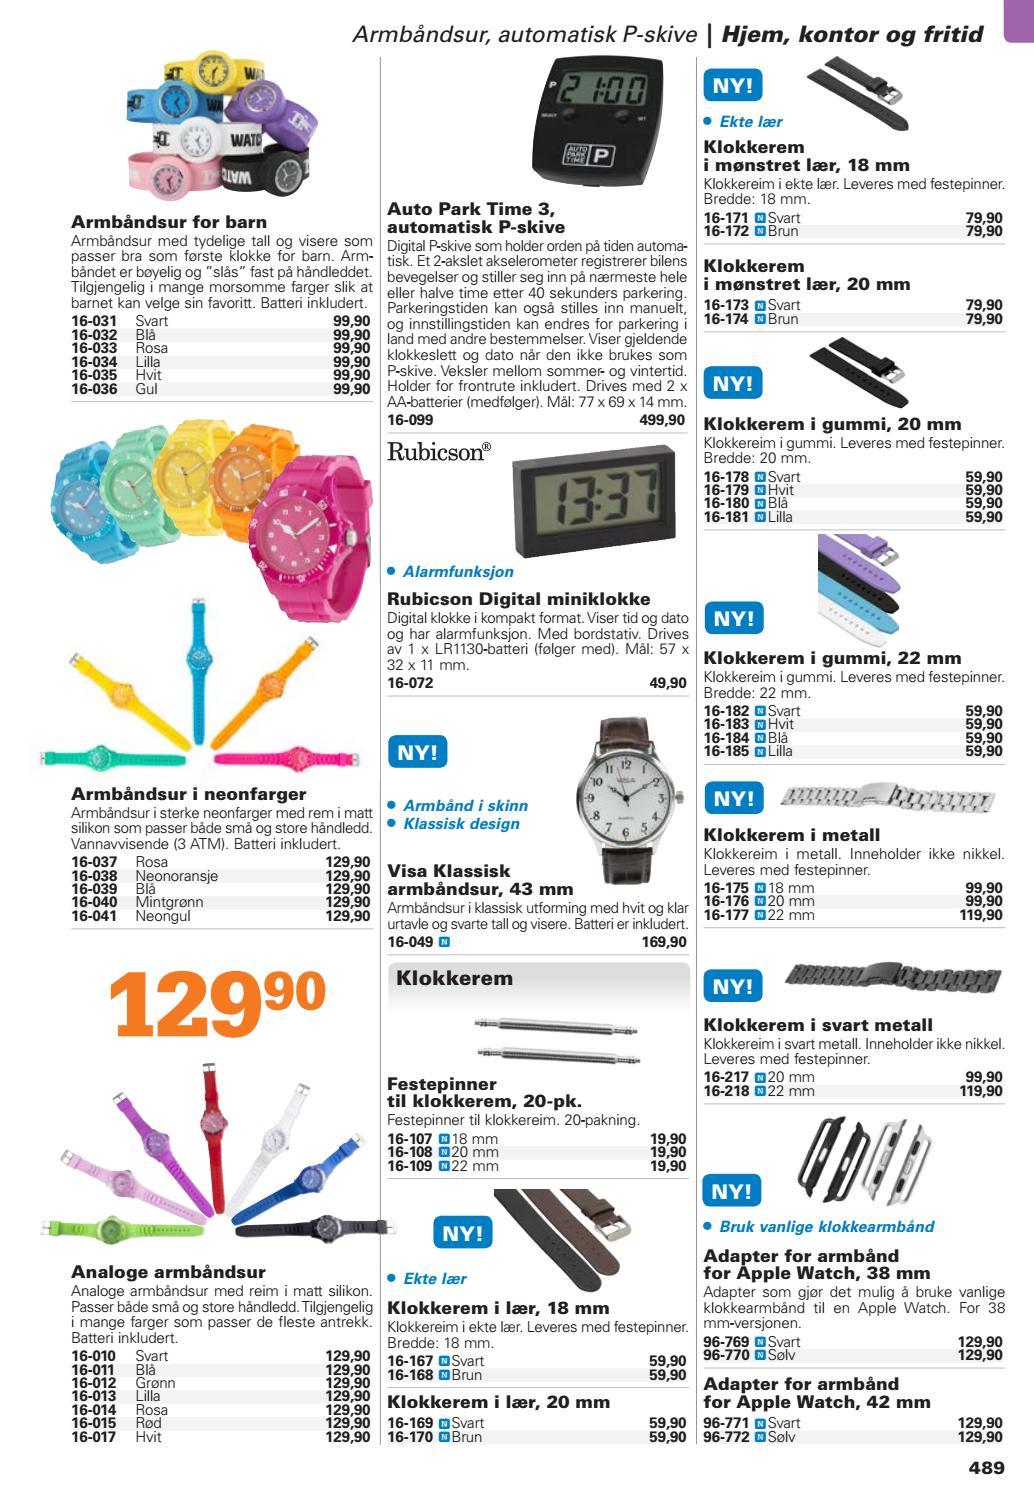 f6de5a6d5 Kjell & Company Katalog 44 Norge - Kapitel 5: Hjem, kontor og fritid ...